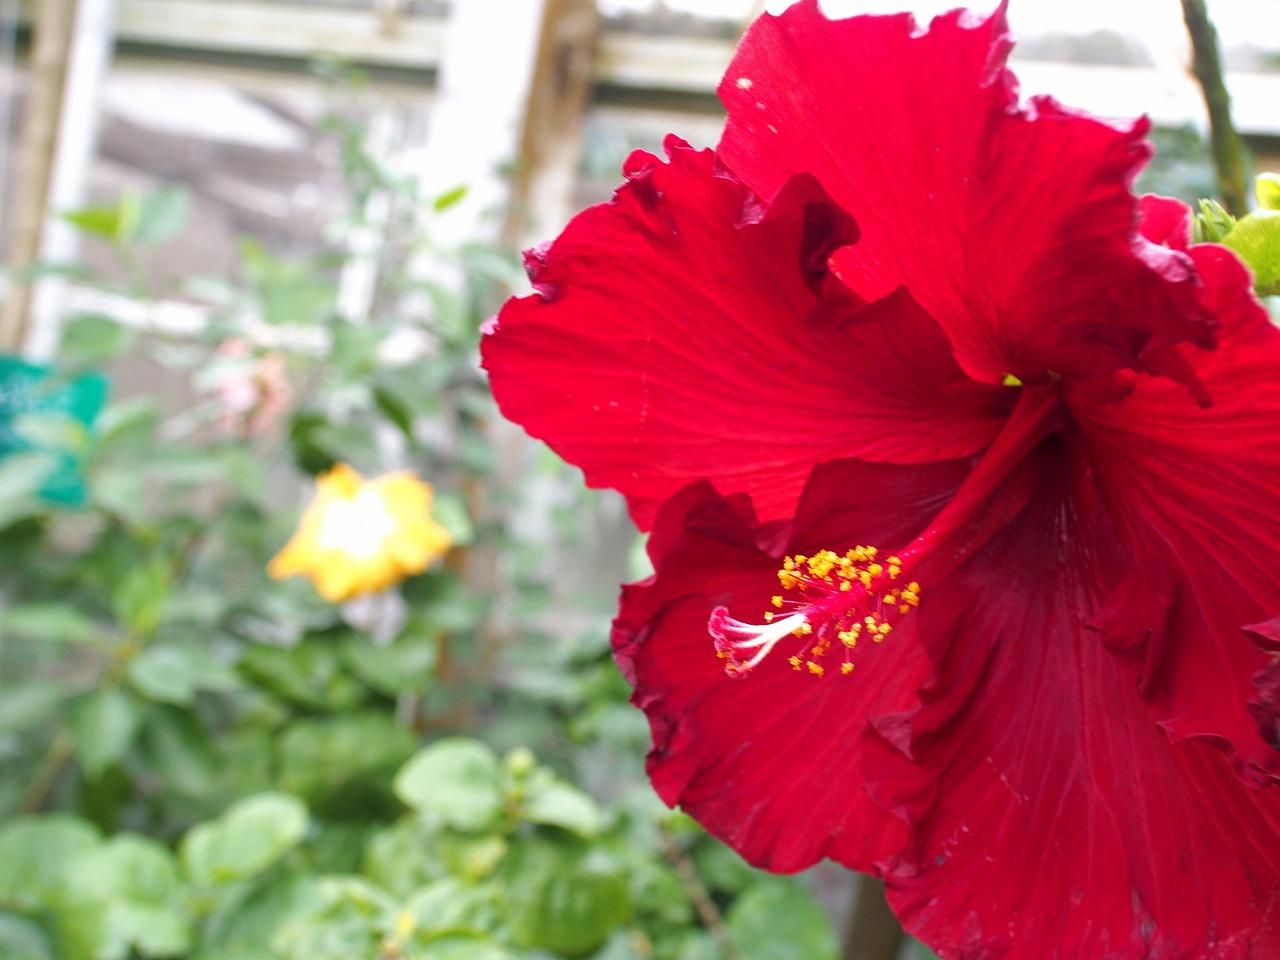 BotanicalGarden142_20141115.jpg